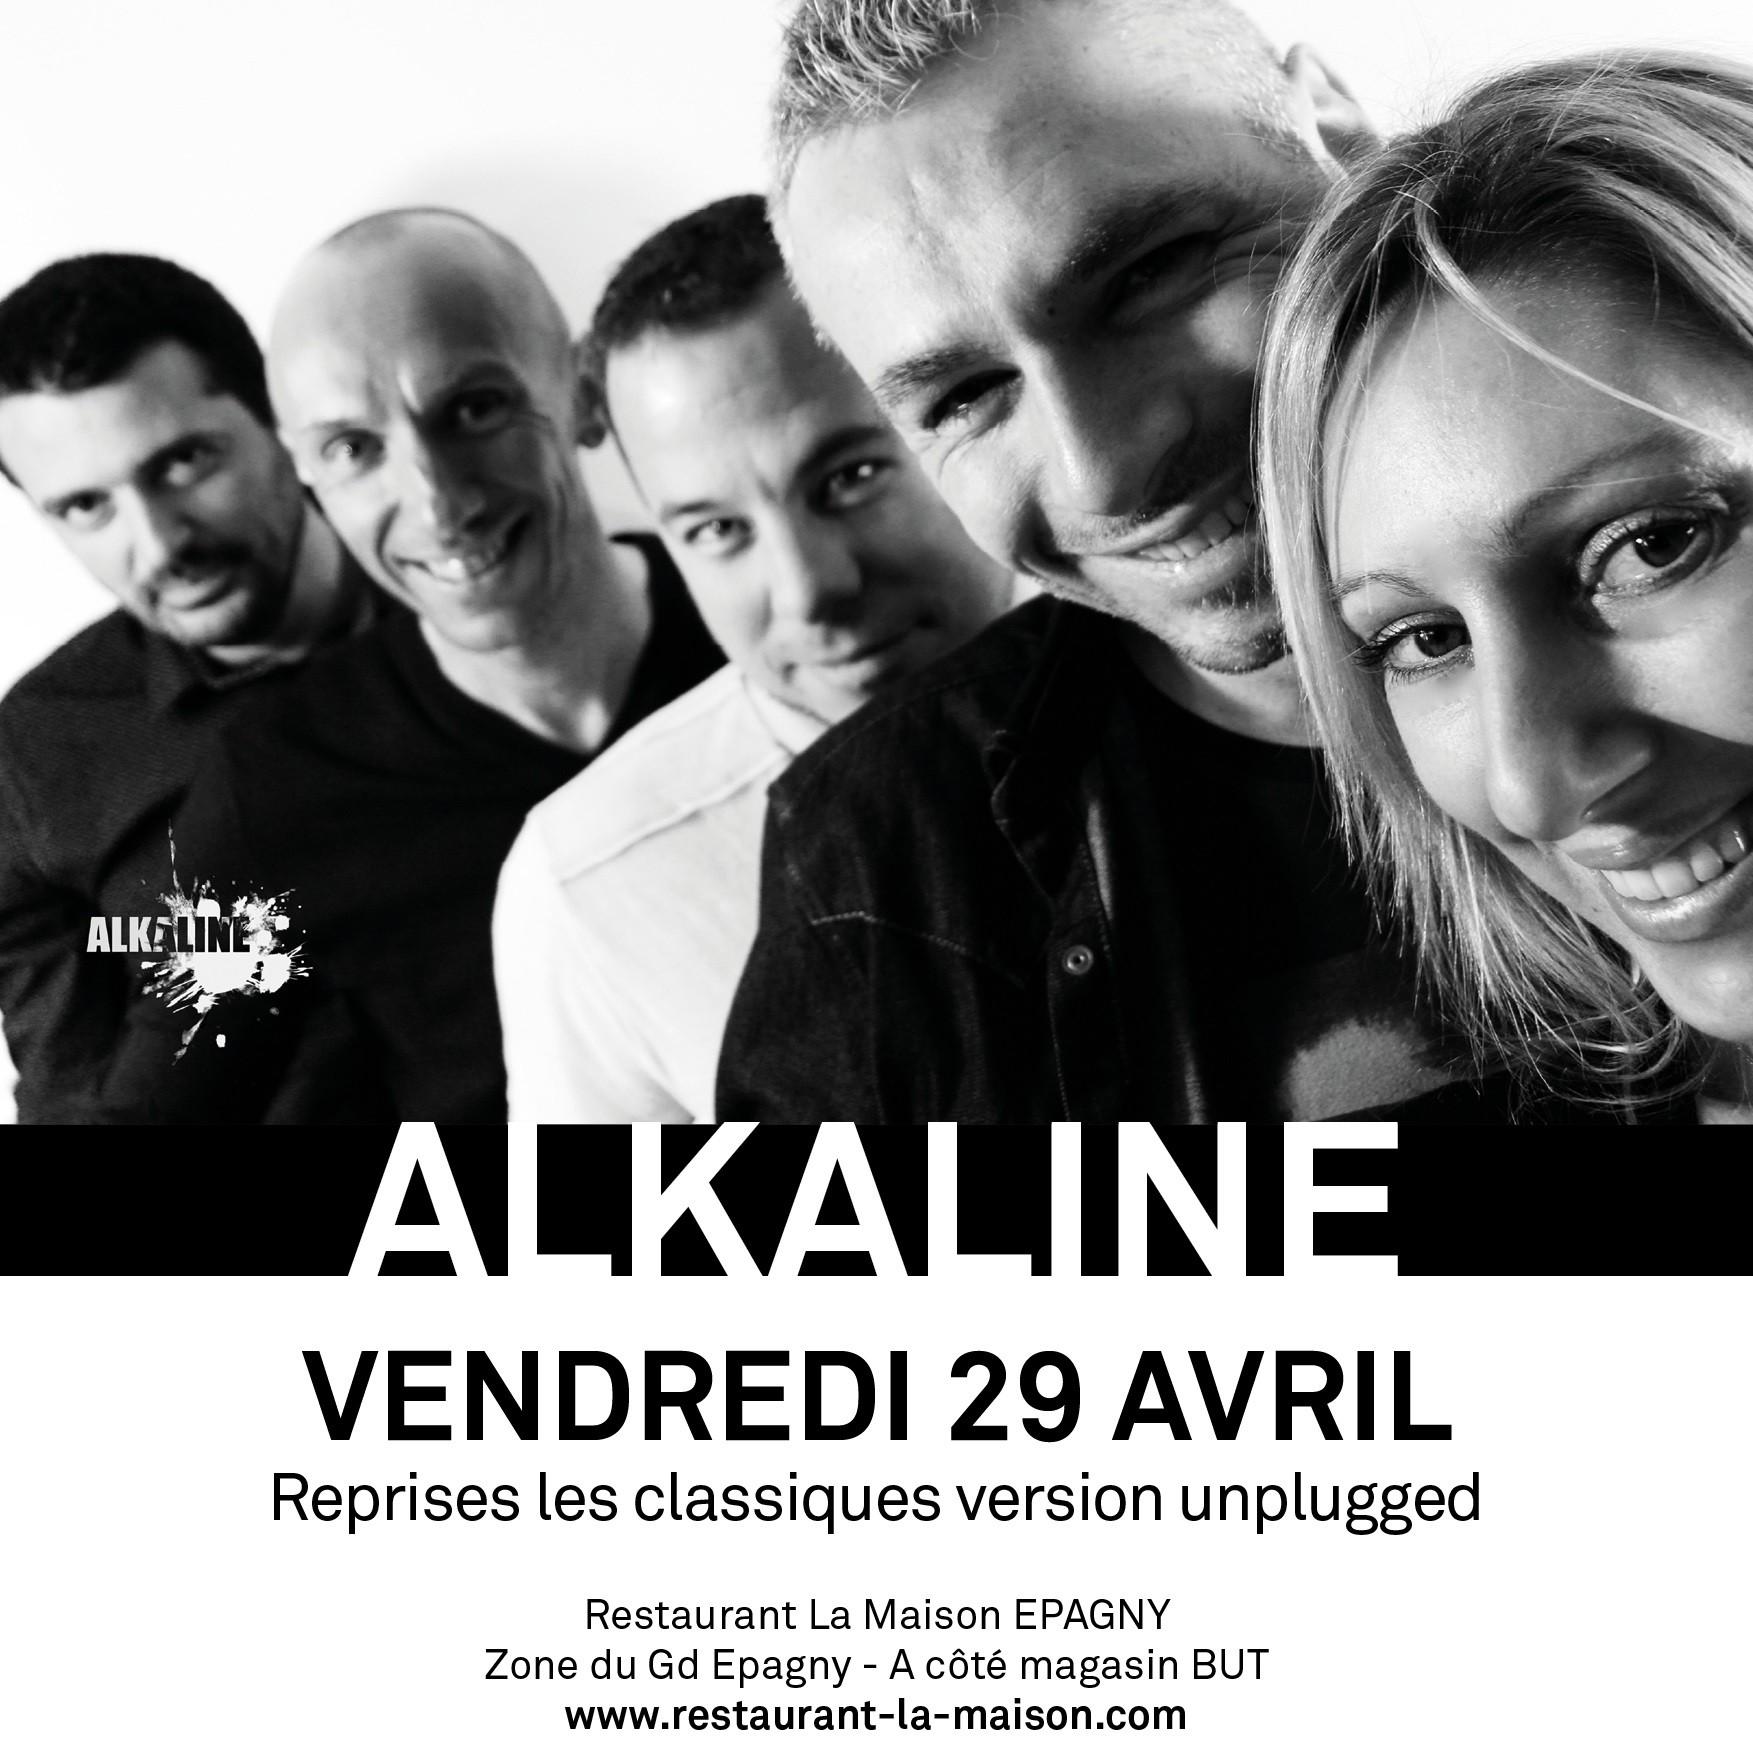 Concert d'Alkaline